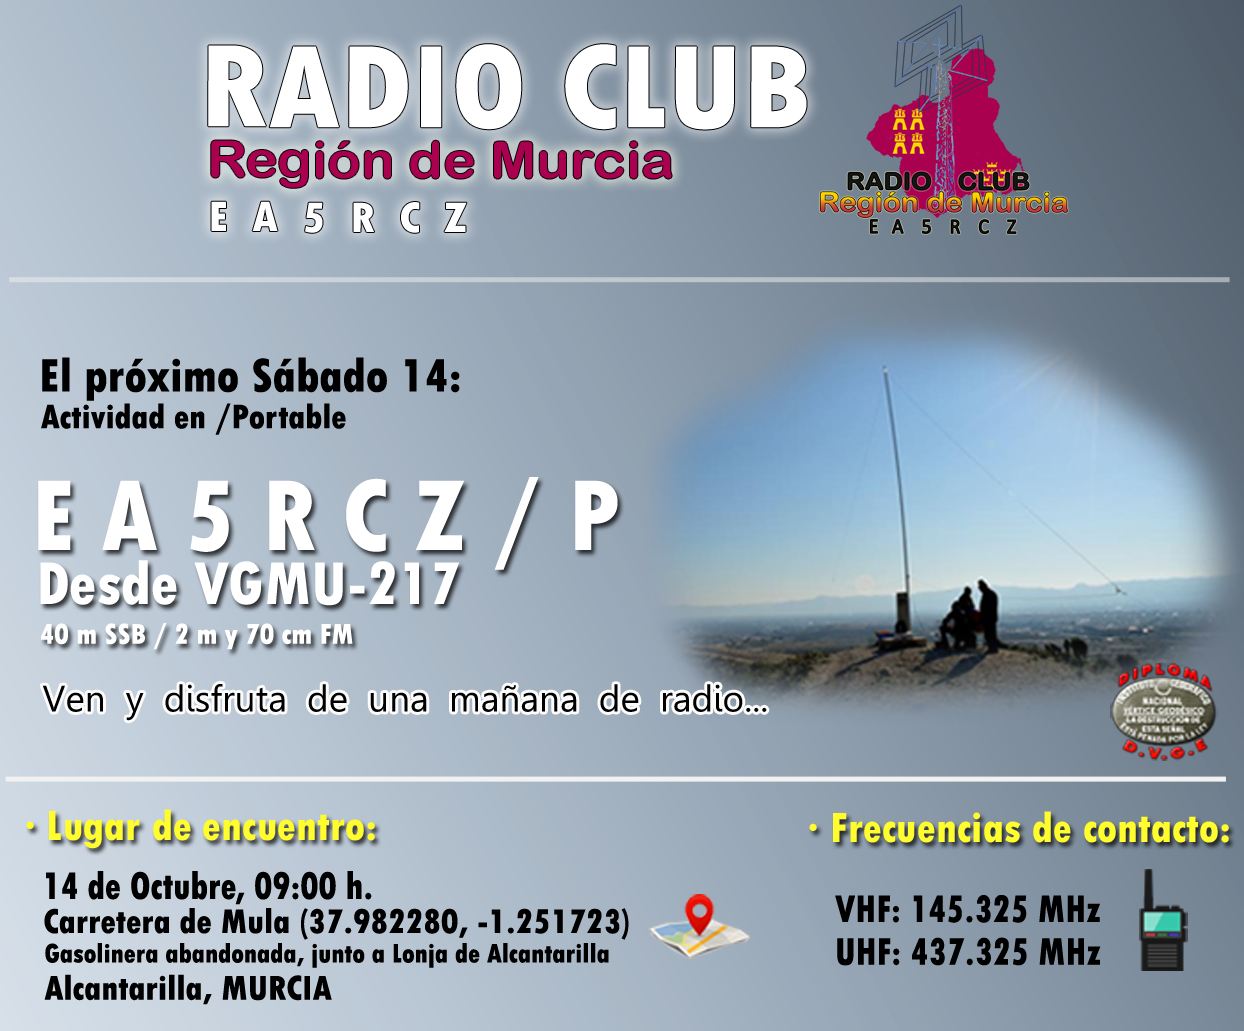 Radio Club Región de Murcia - EA5RCZ: EA5RCZ/p desde VGMU-217